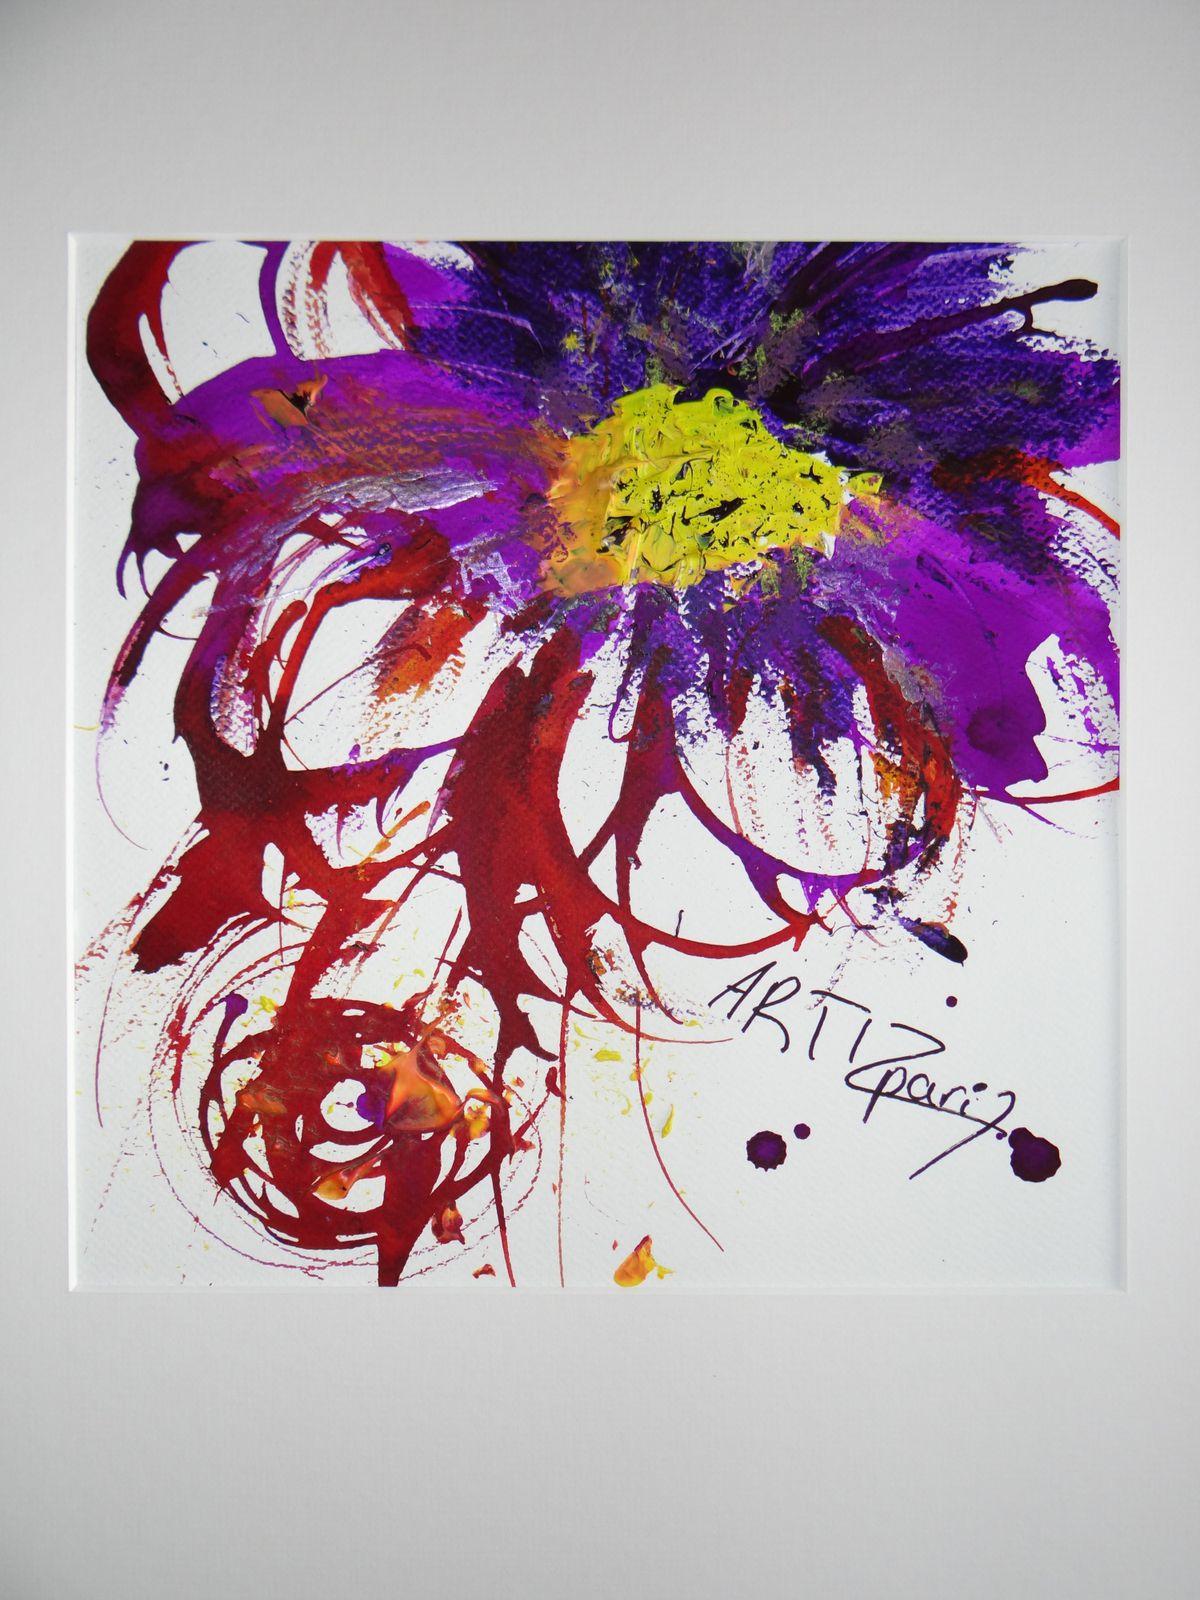 Violette val rie parize alias artize artiste peintre for Peinture violette